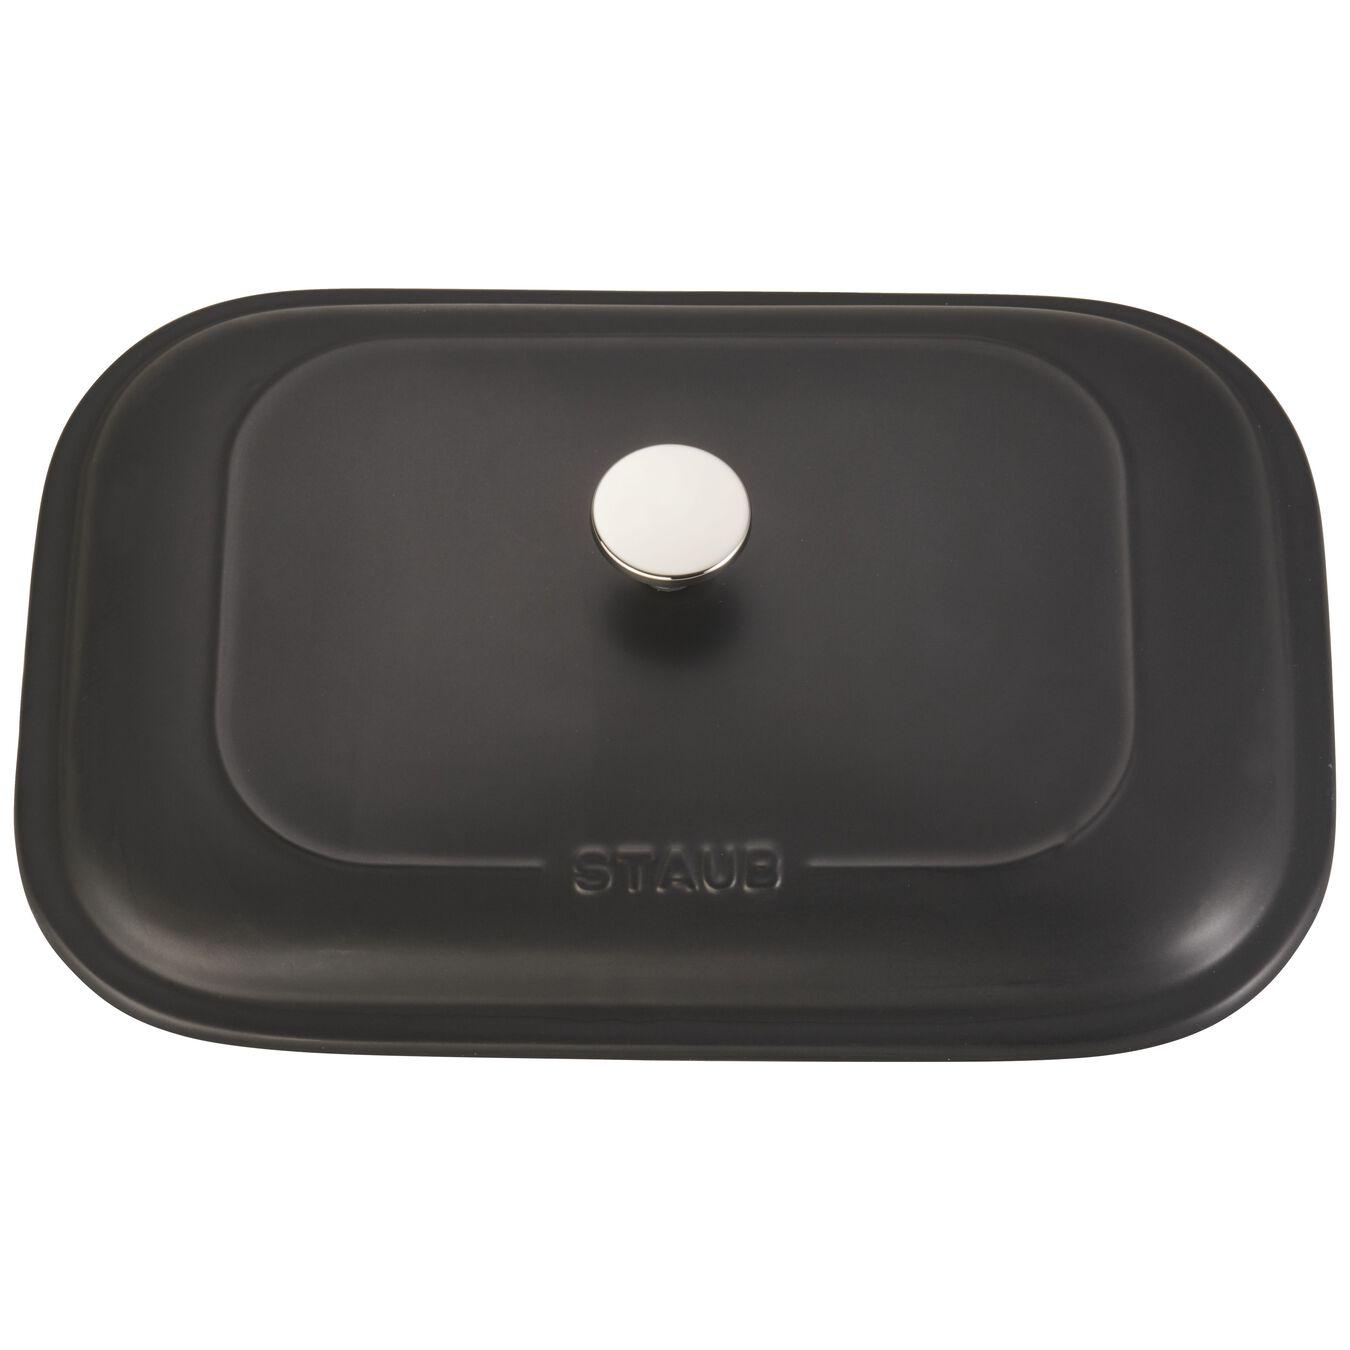 Ceramic rectangular Moules de forme spéciale, Black,,large 4